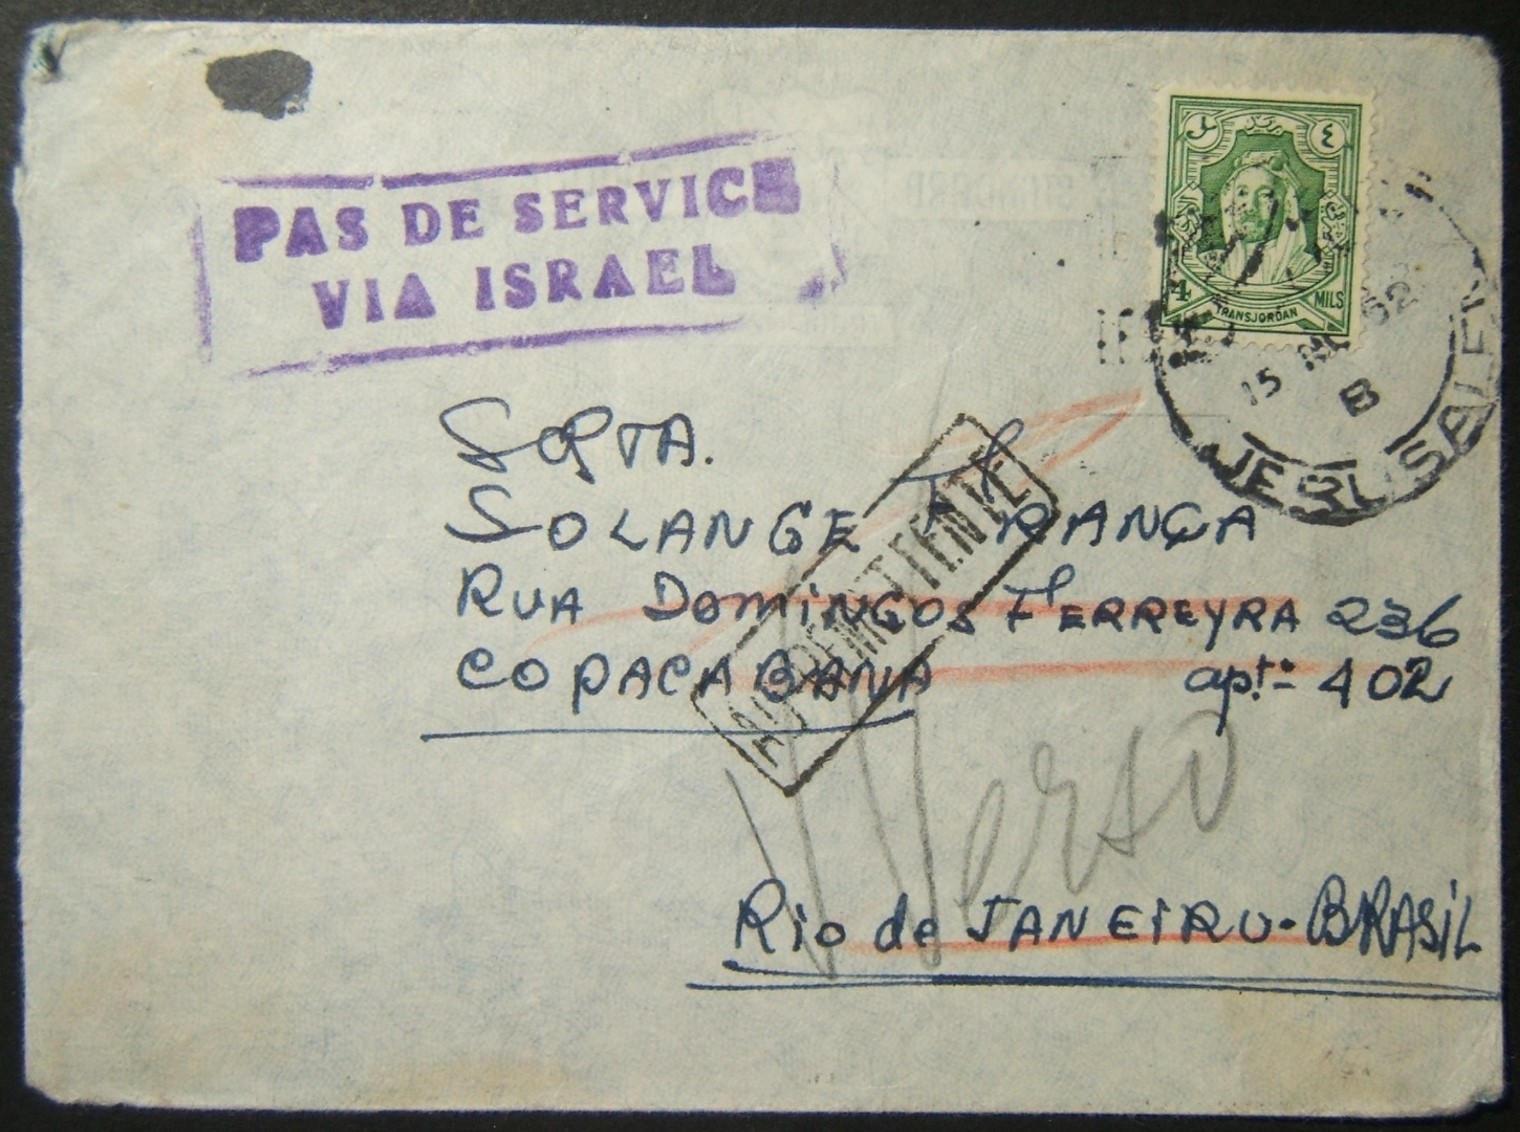 11/1952 بريد أردني إلى البرازيل ، عاد إلى إسرائيل ، رفض الخدمة وعاد